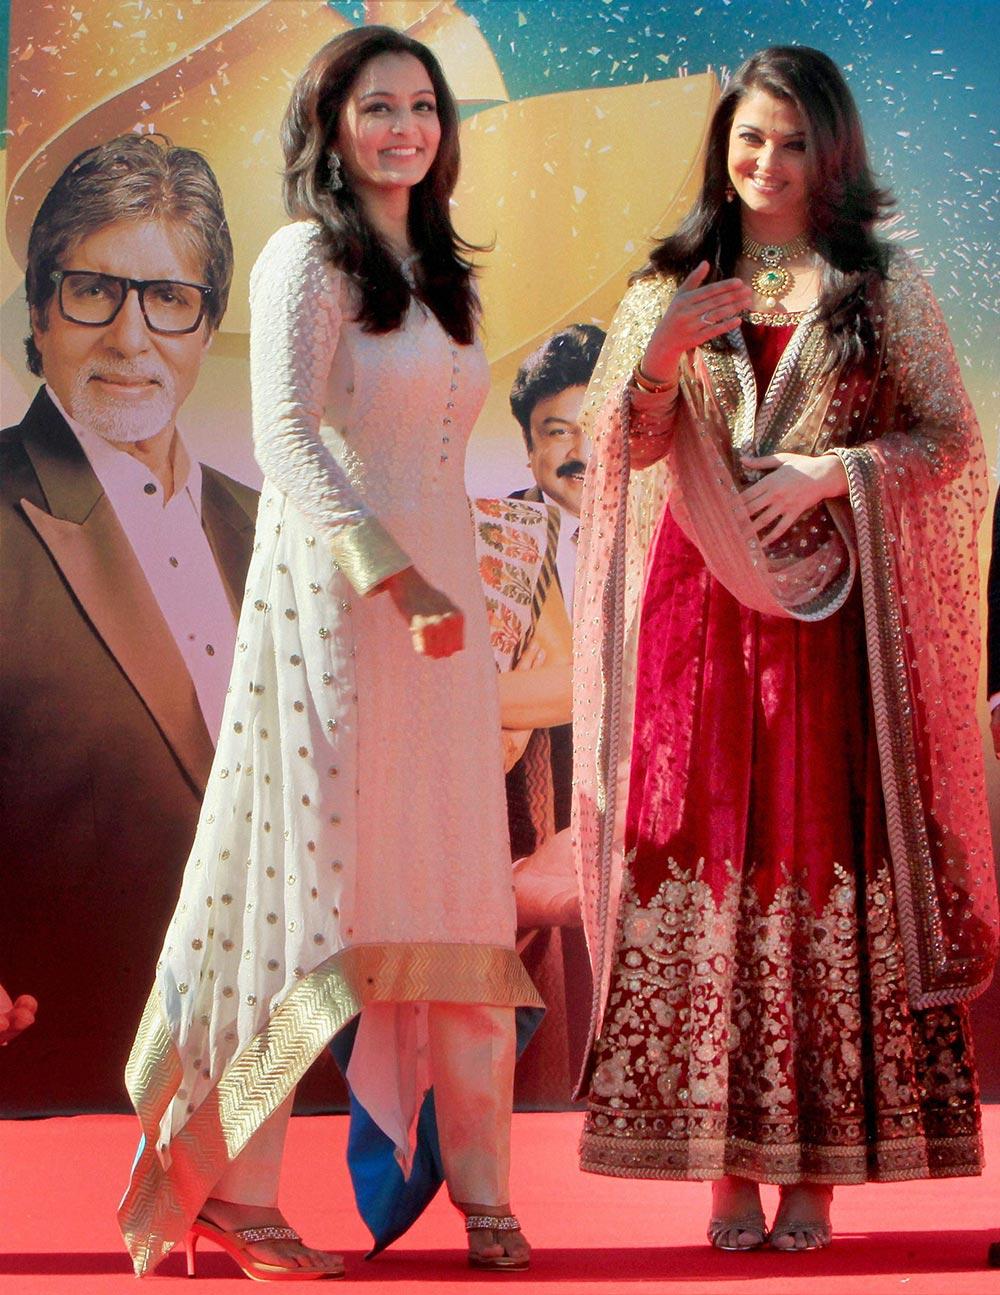 बॉलीवुड अदाकारा ऐश्वर्या राय बच्चन दुबई में एक ज्वेलरी शो के उद्घाटन के मौके पर।